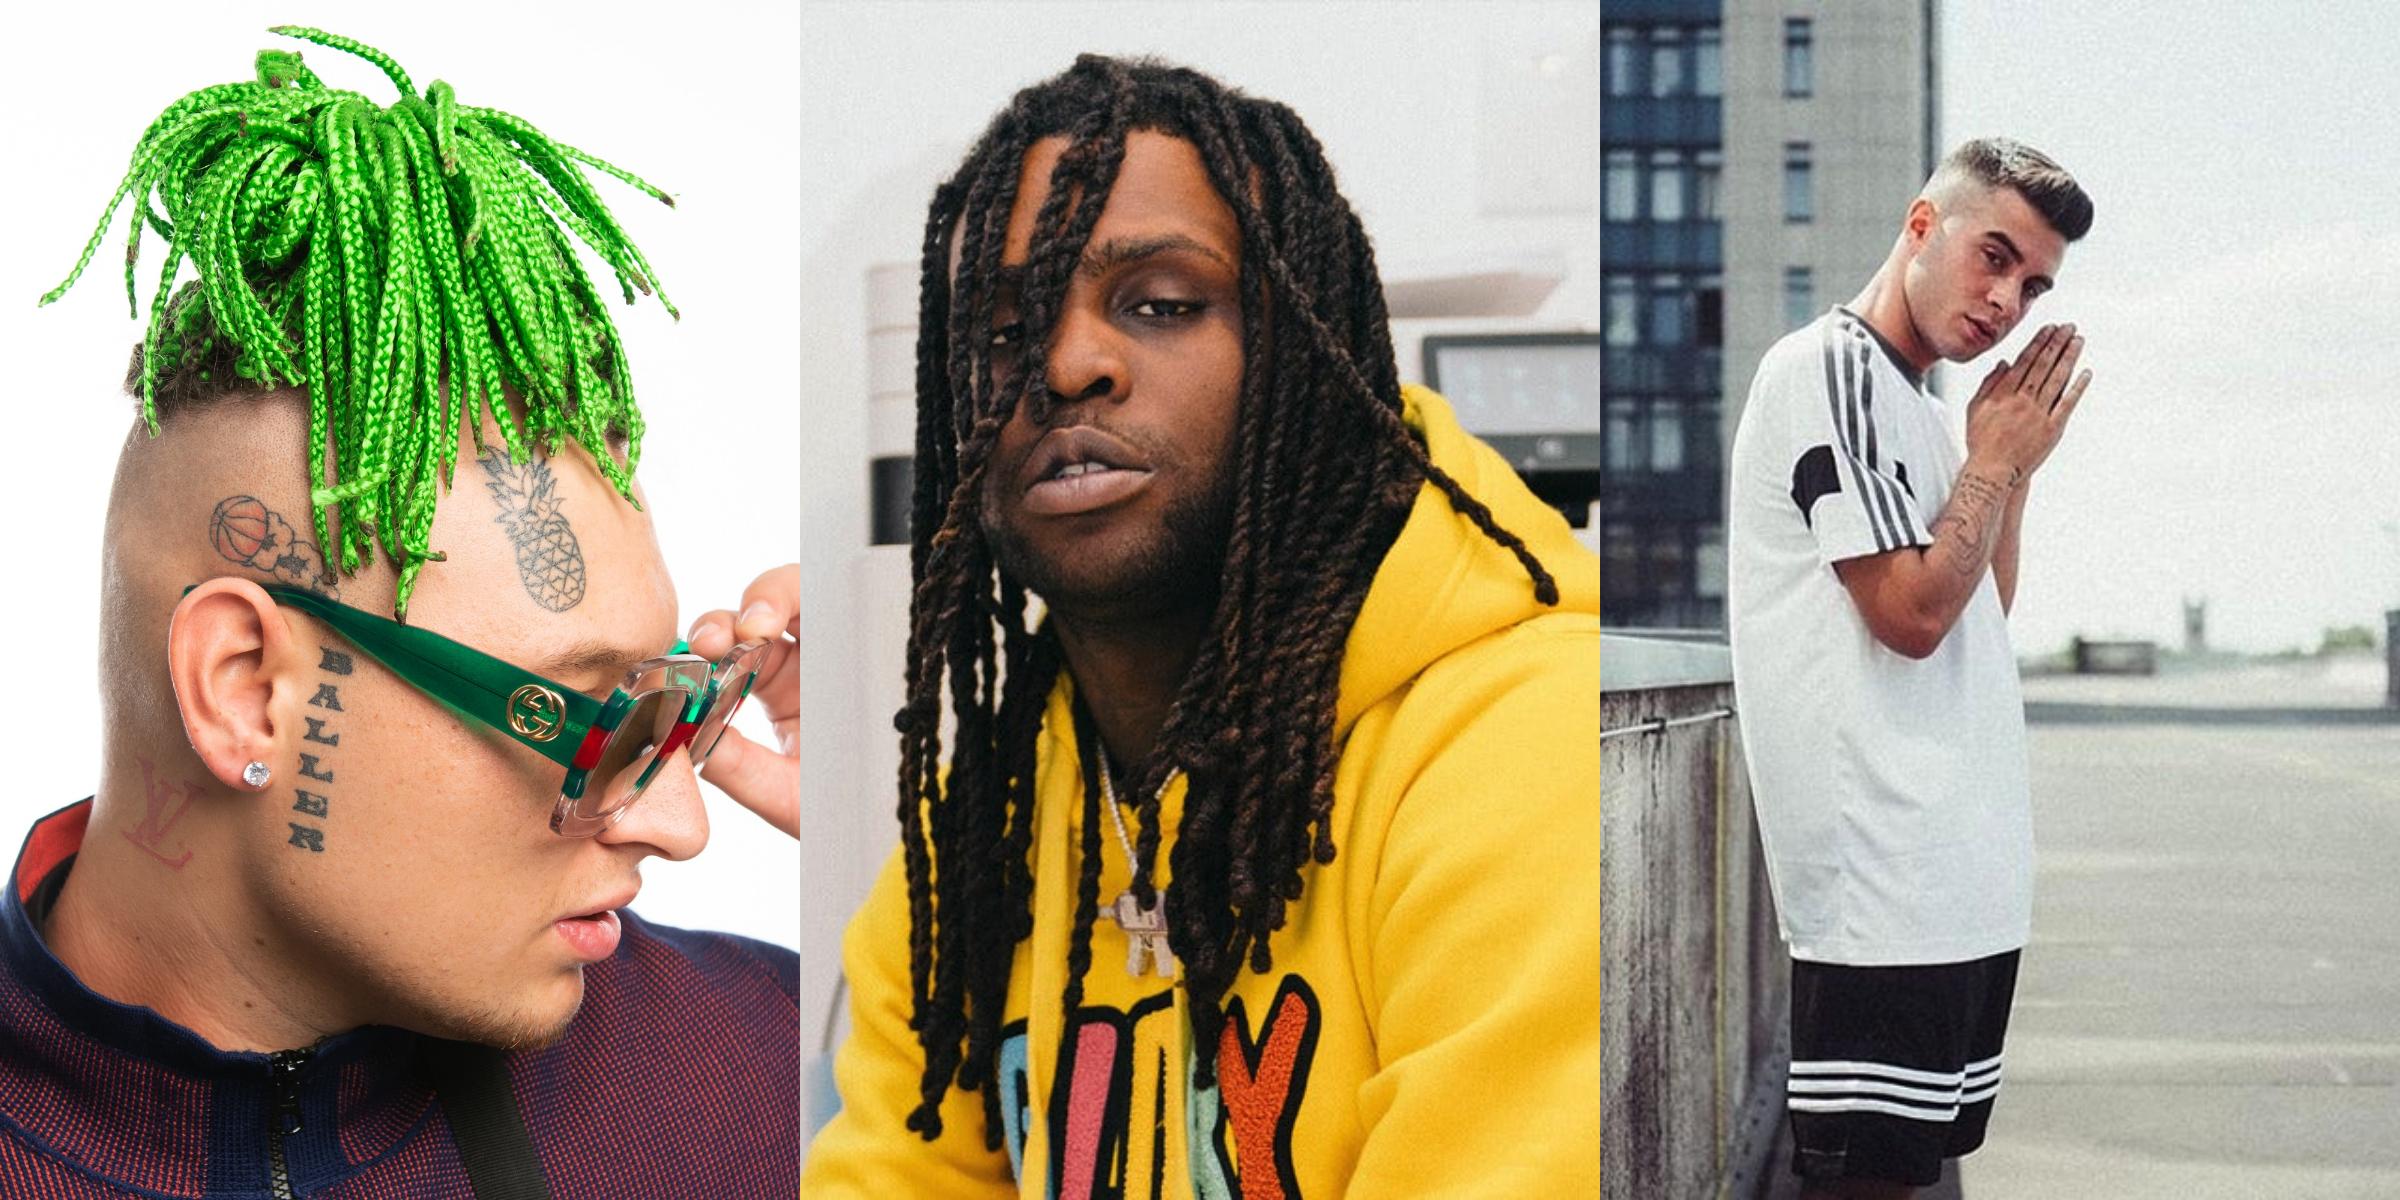 Die spektakulärsten Newcomer-Deals im Rap